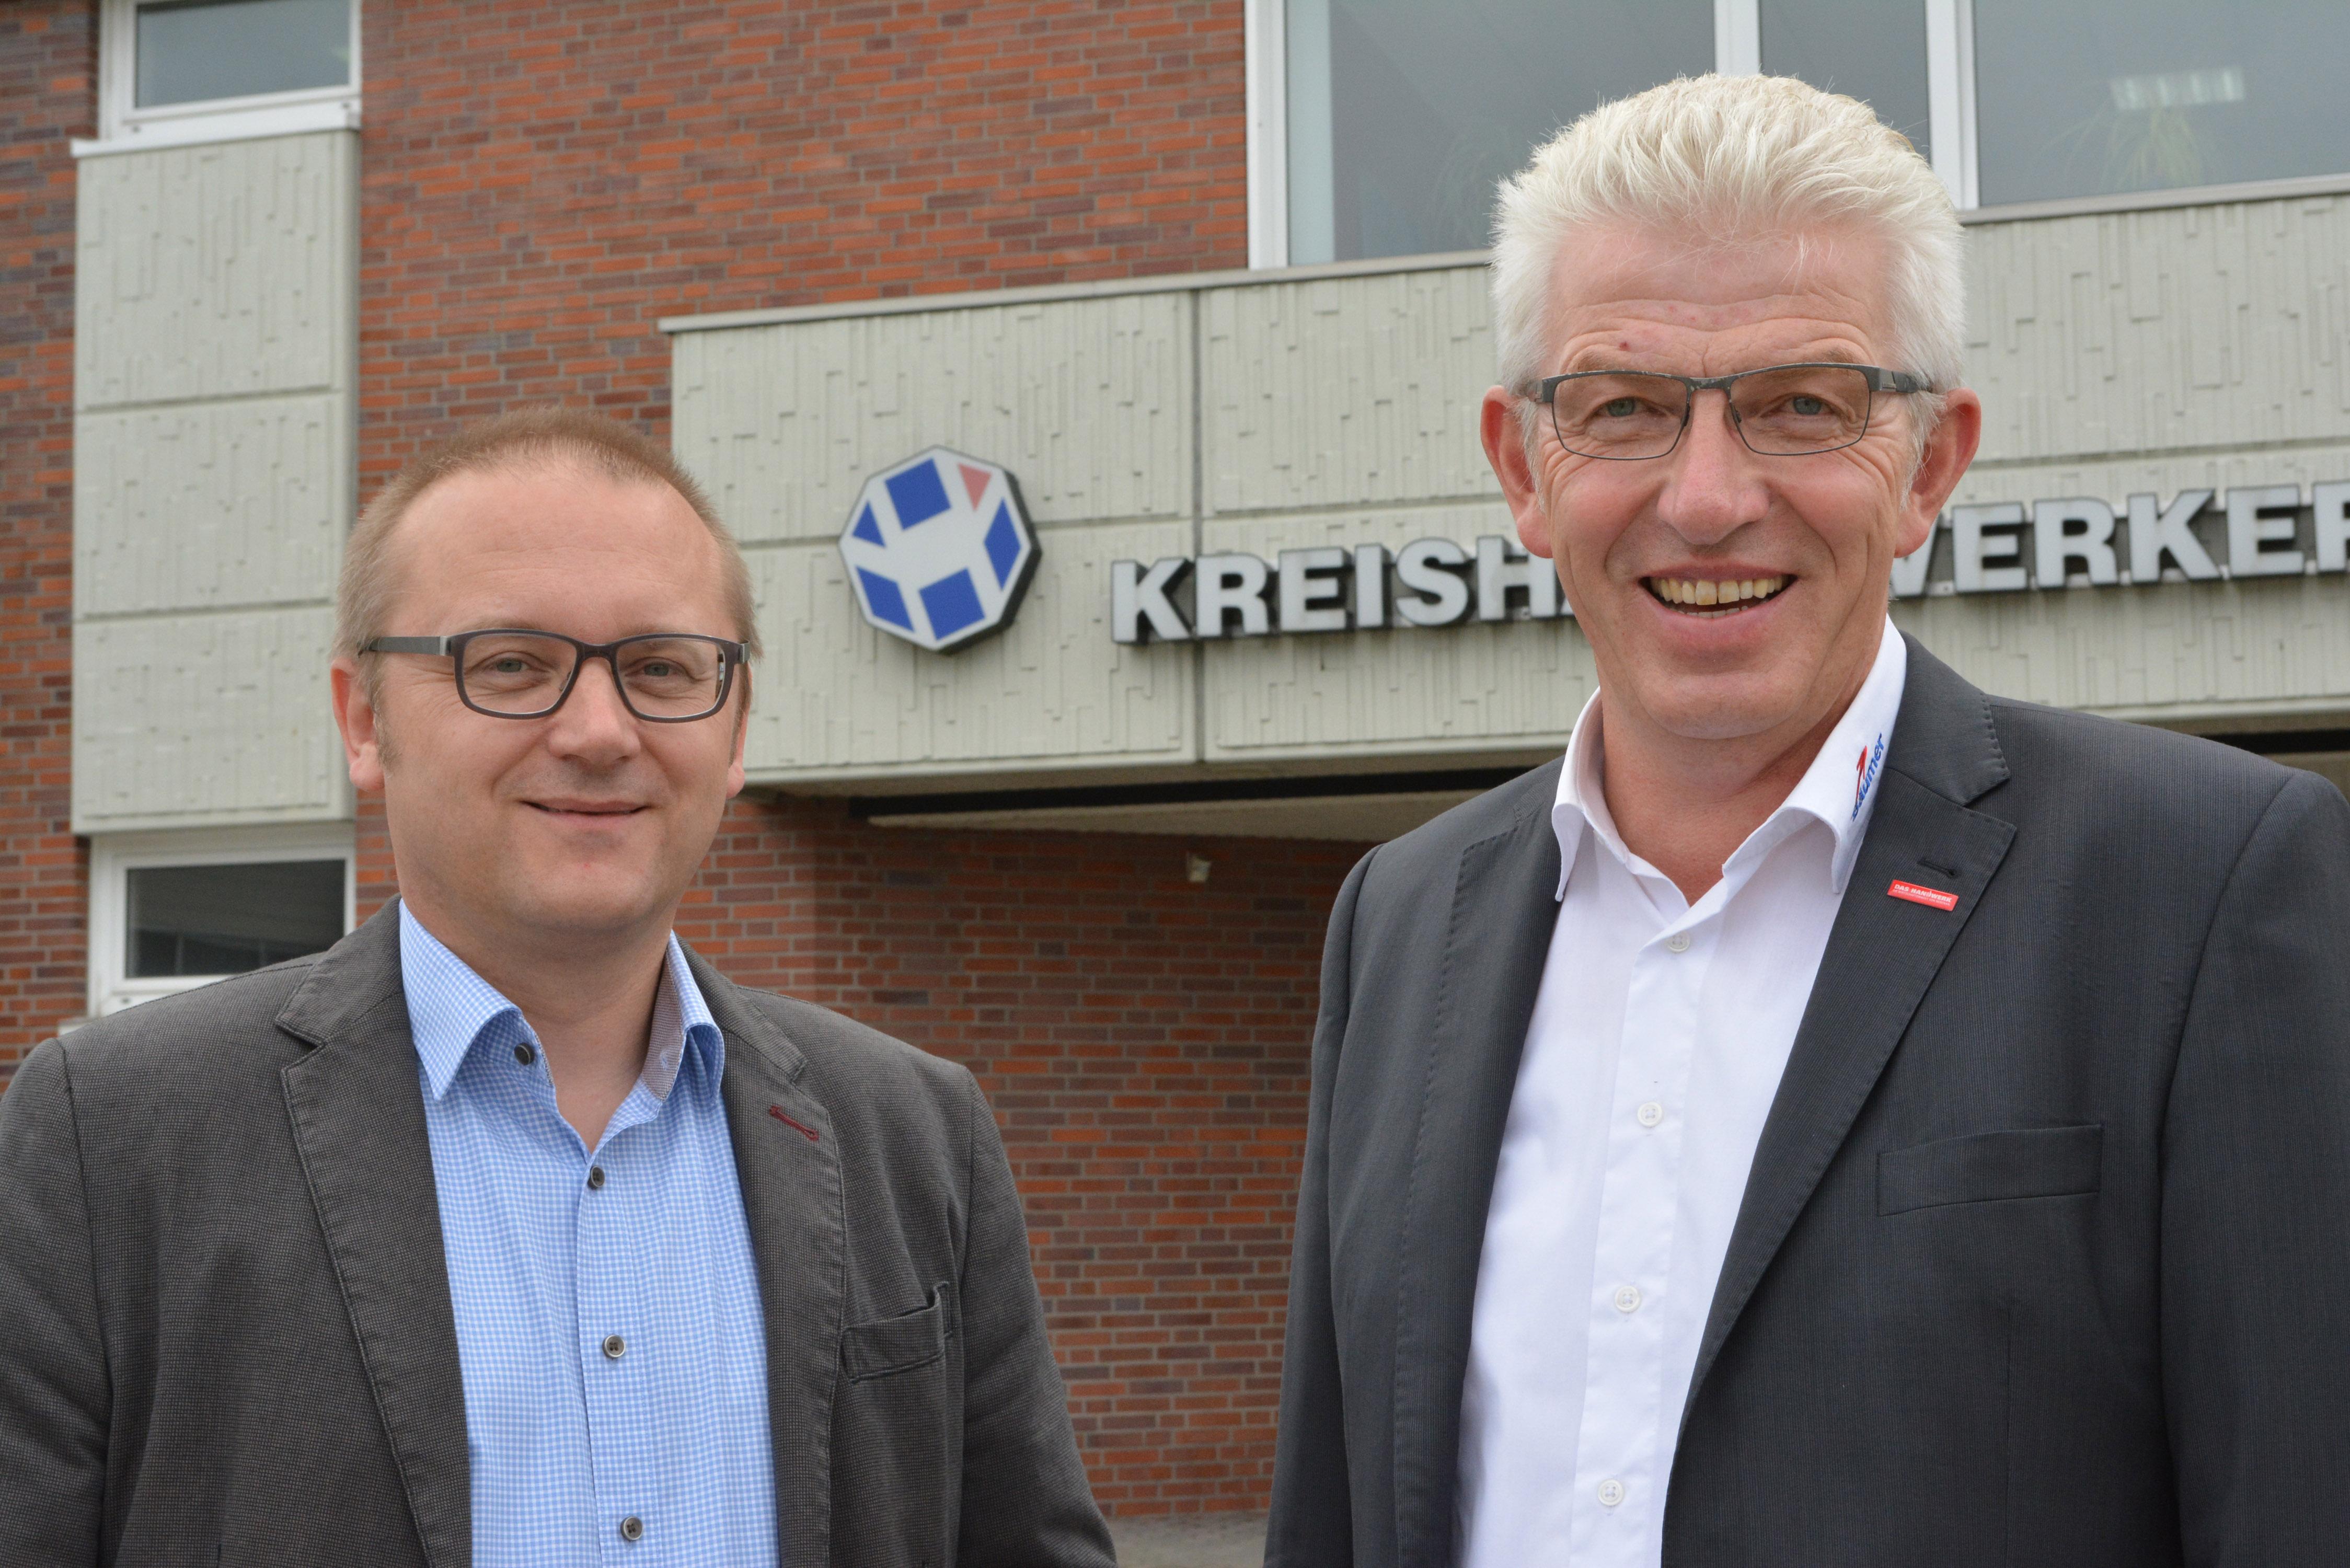 Kreishandwerksmeister Heinz-Bernd Lohmann (l.) und sein Stellvertreter Thomas Bäumer stellen sich den Herausforderungen im Handwerk (Foto: KHM Steinfurt-Warendorf)